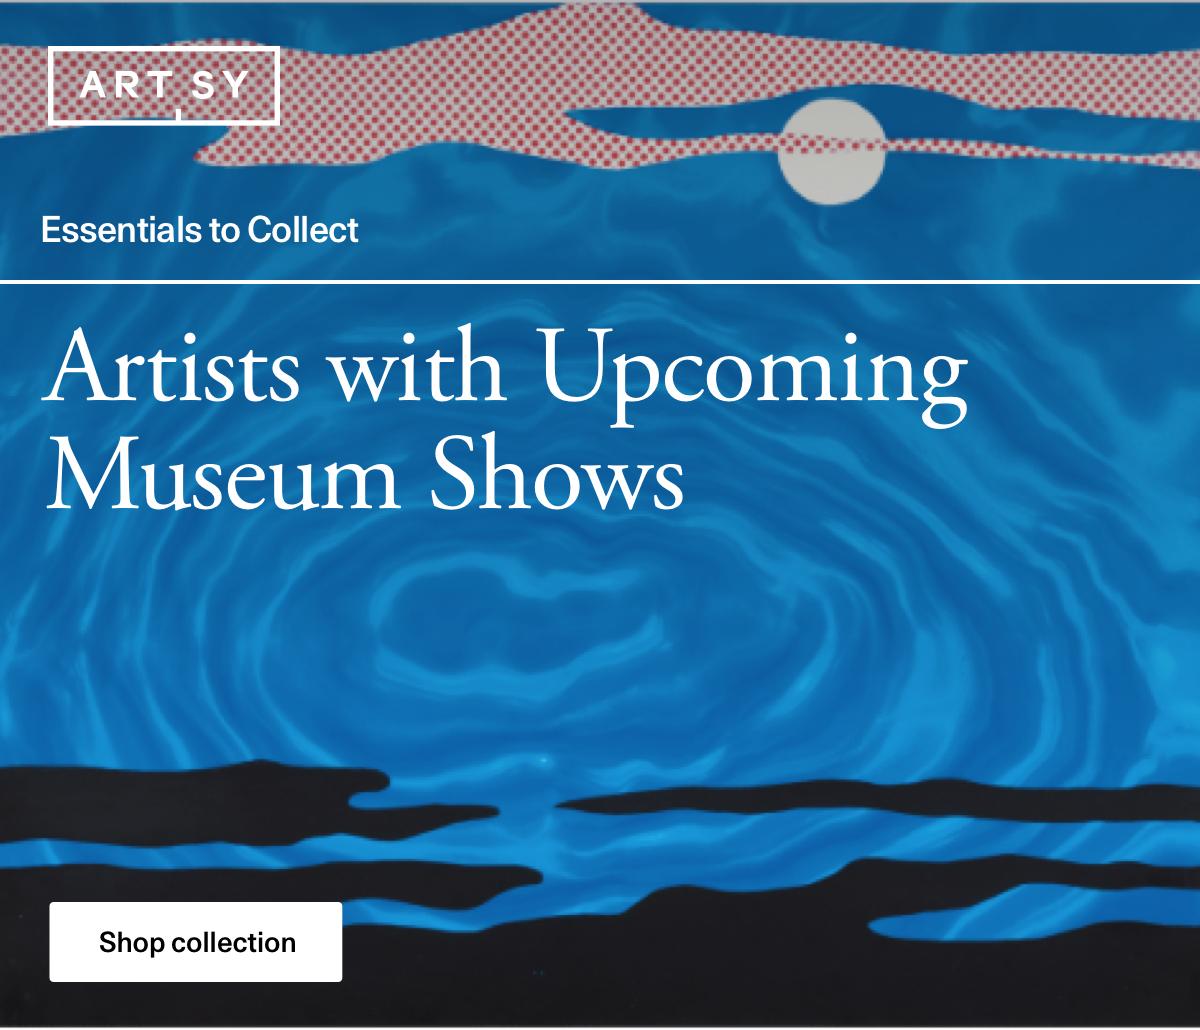 Artistas com grandes mostras de museus